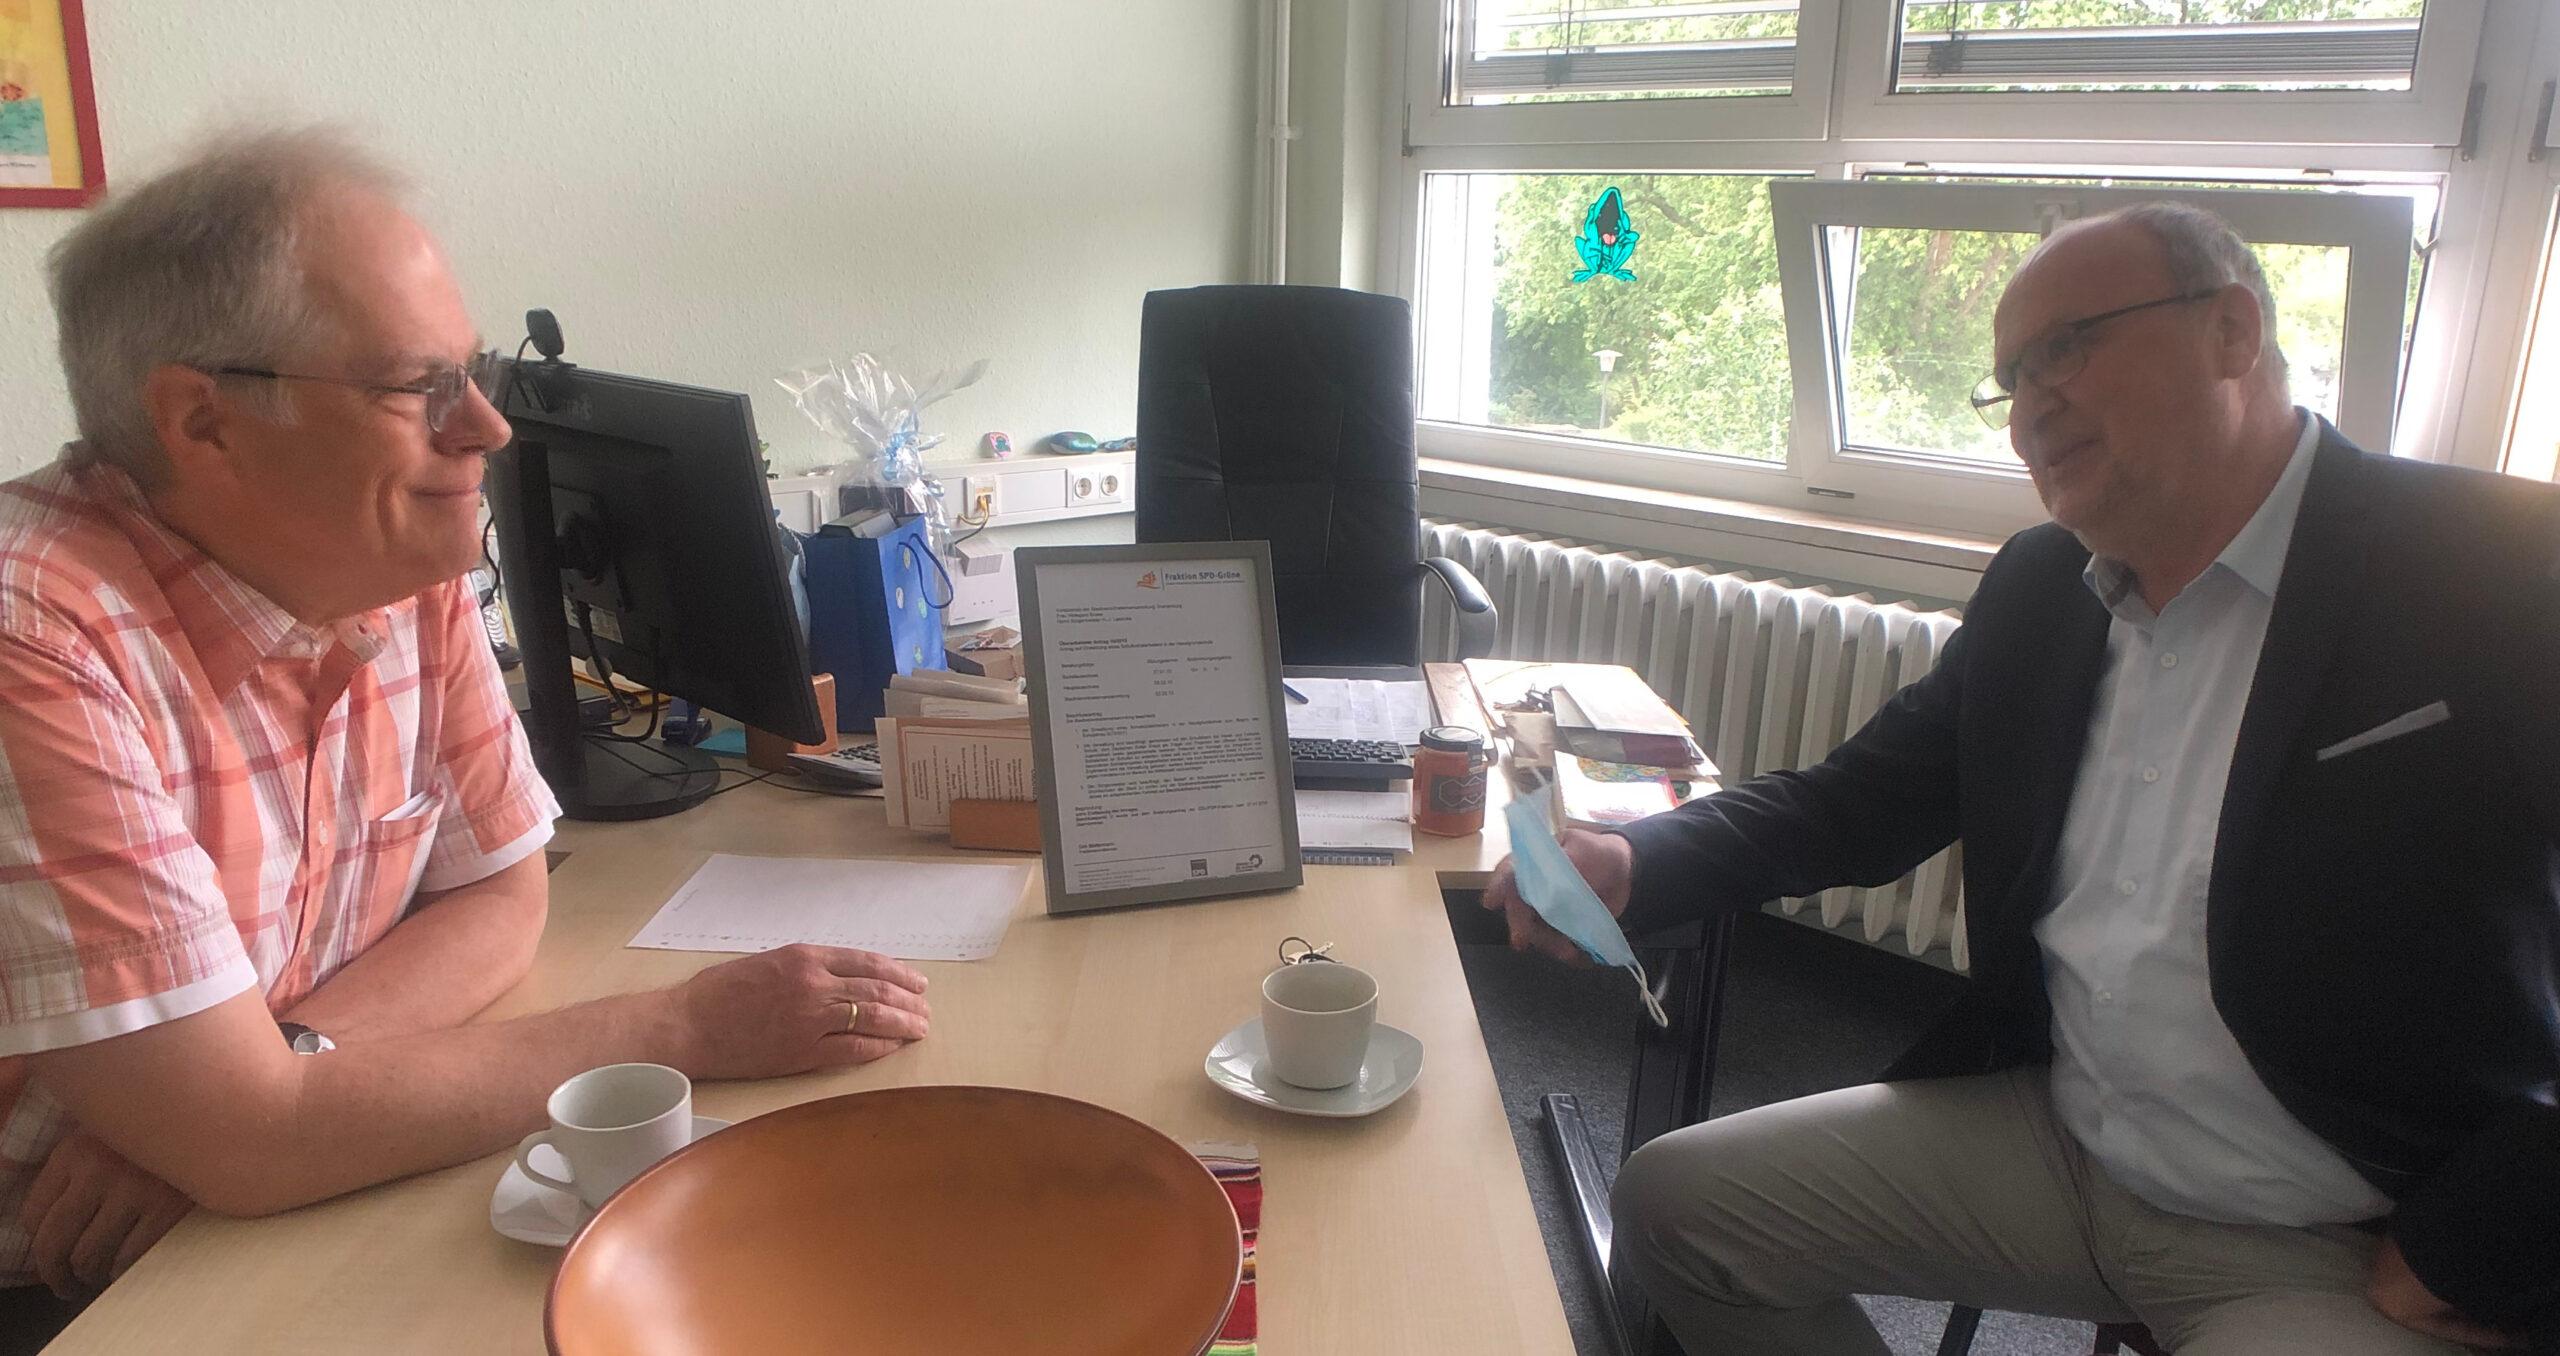 Ein engagierter Streiter für die Schulsozialarbeit in Oranienburg: Zum Abschied von Andreas Deutschländer